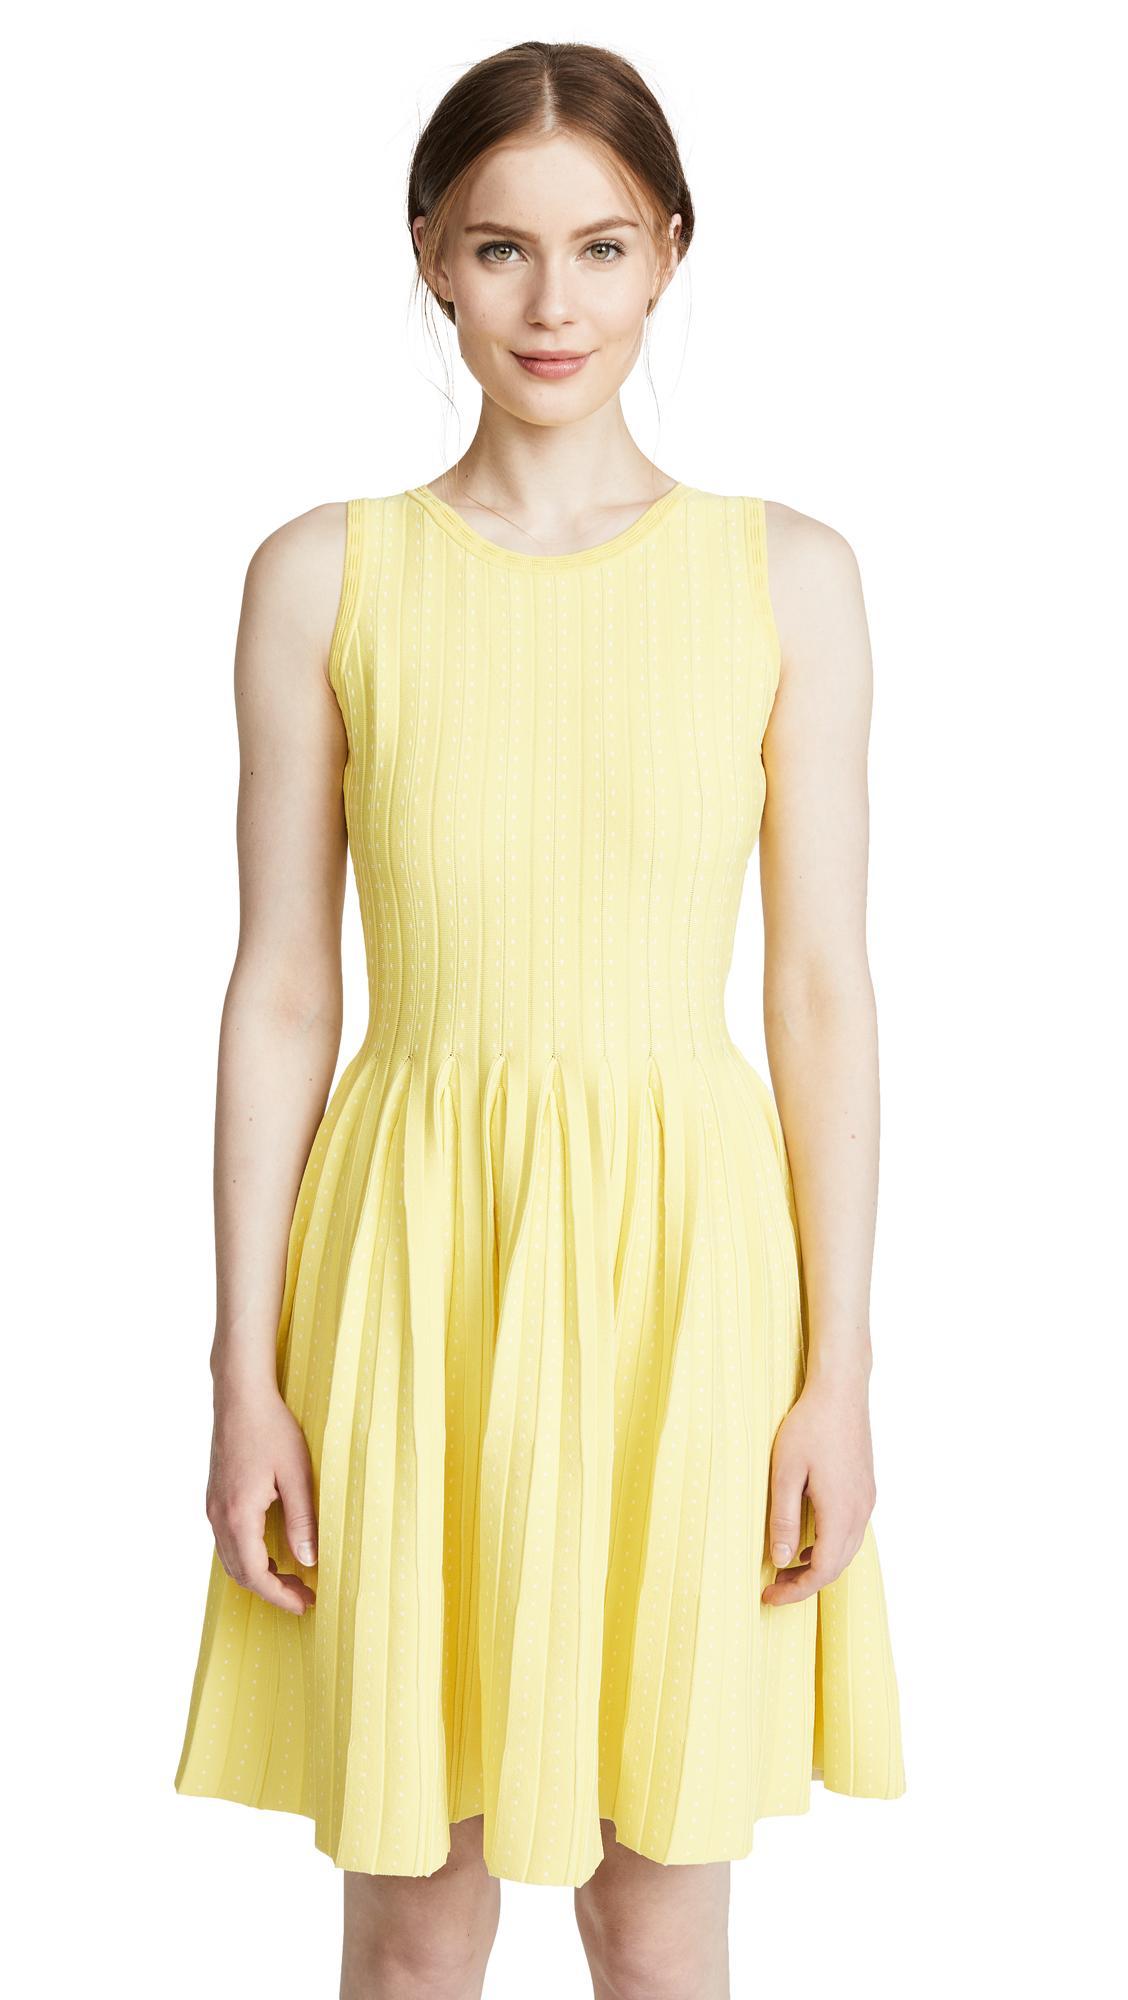 2c86bcb2edd962 Milly Dot Pleat Fit   Flare Dress In Lemon White